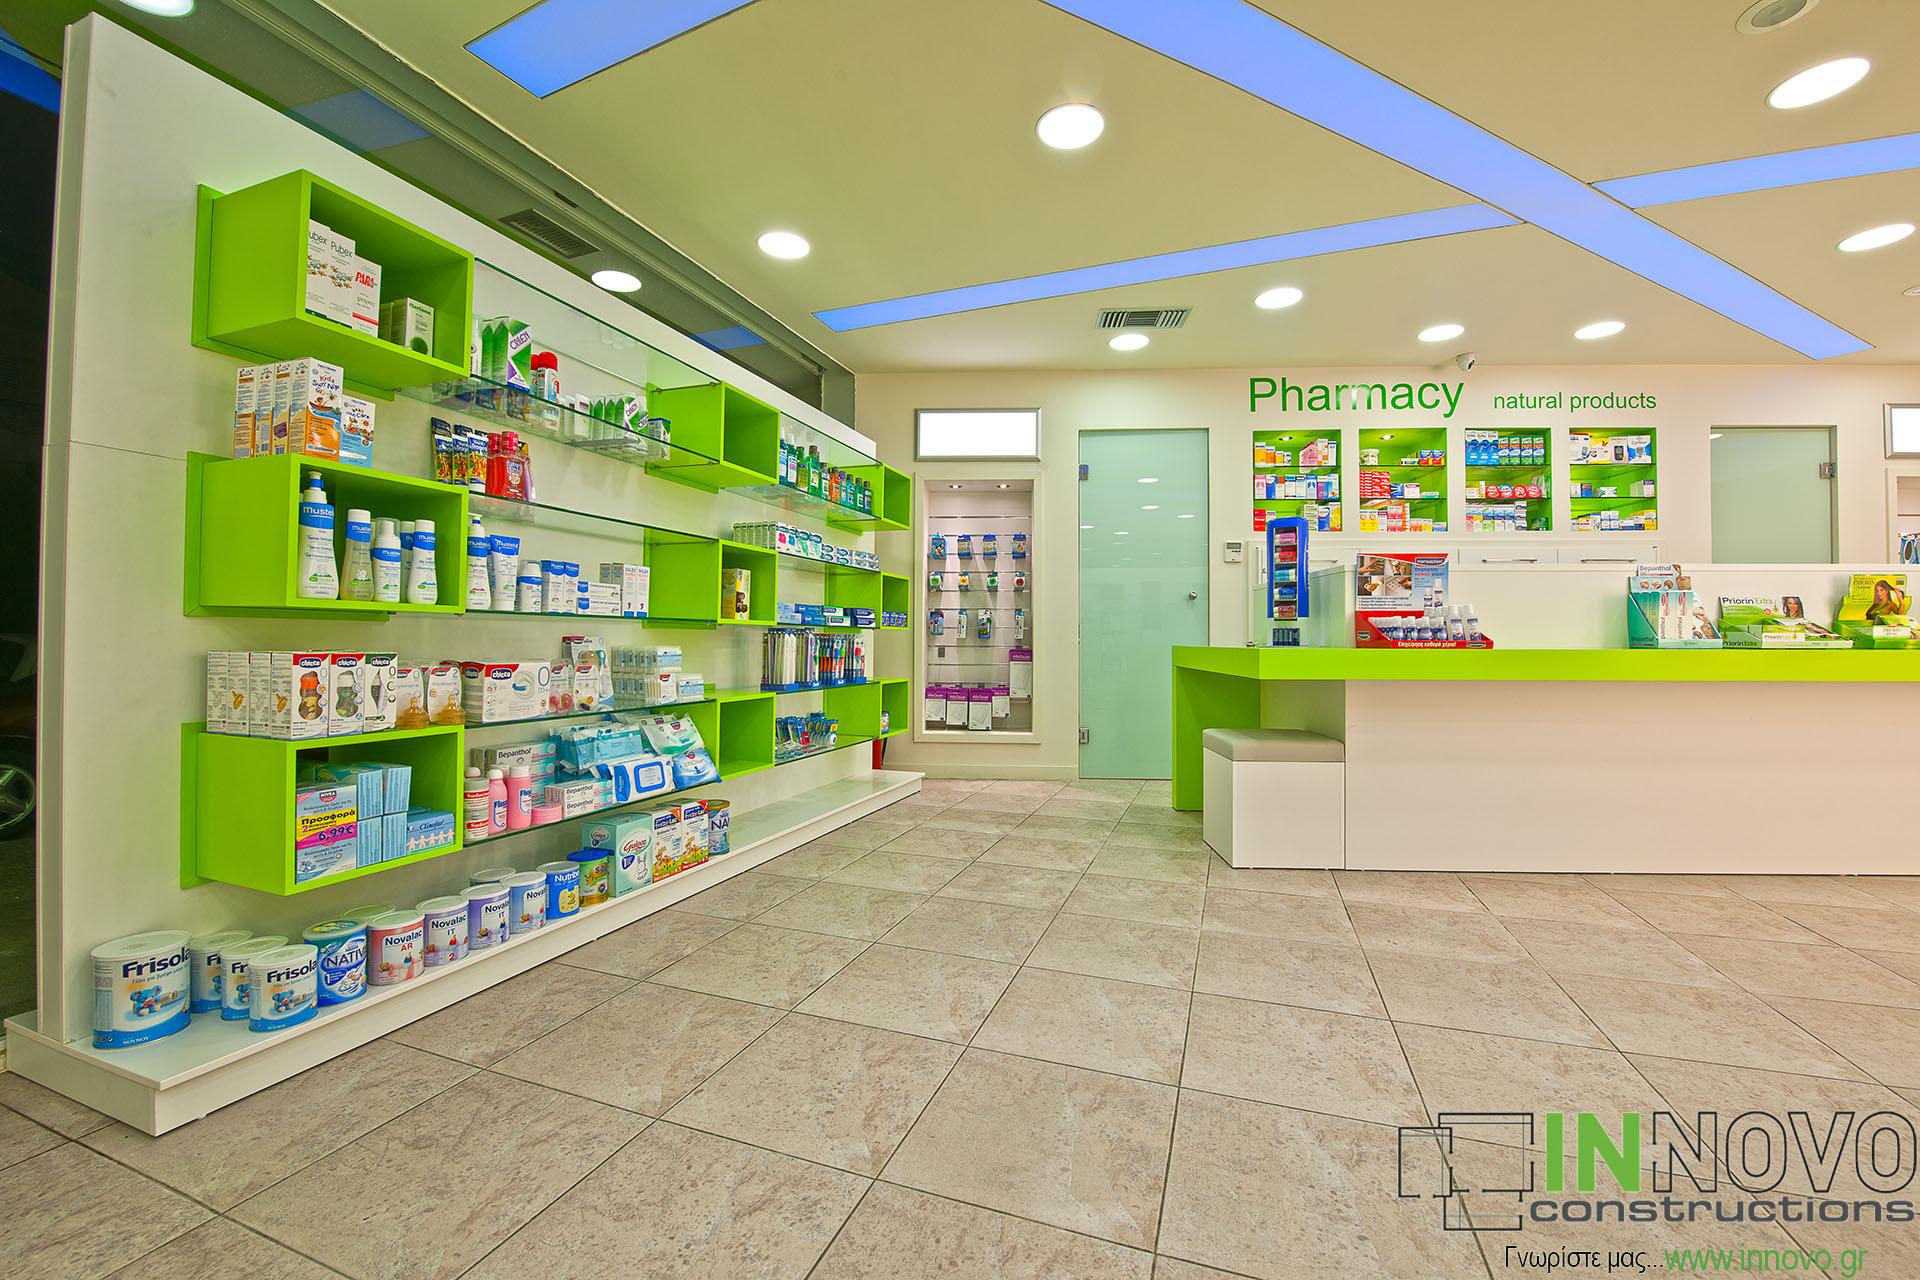 Φαρμακείου ανακαίνιση εσωτερικά στο Πέραμα